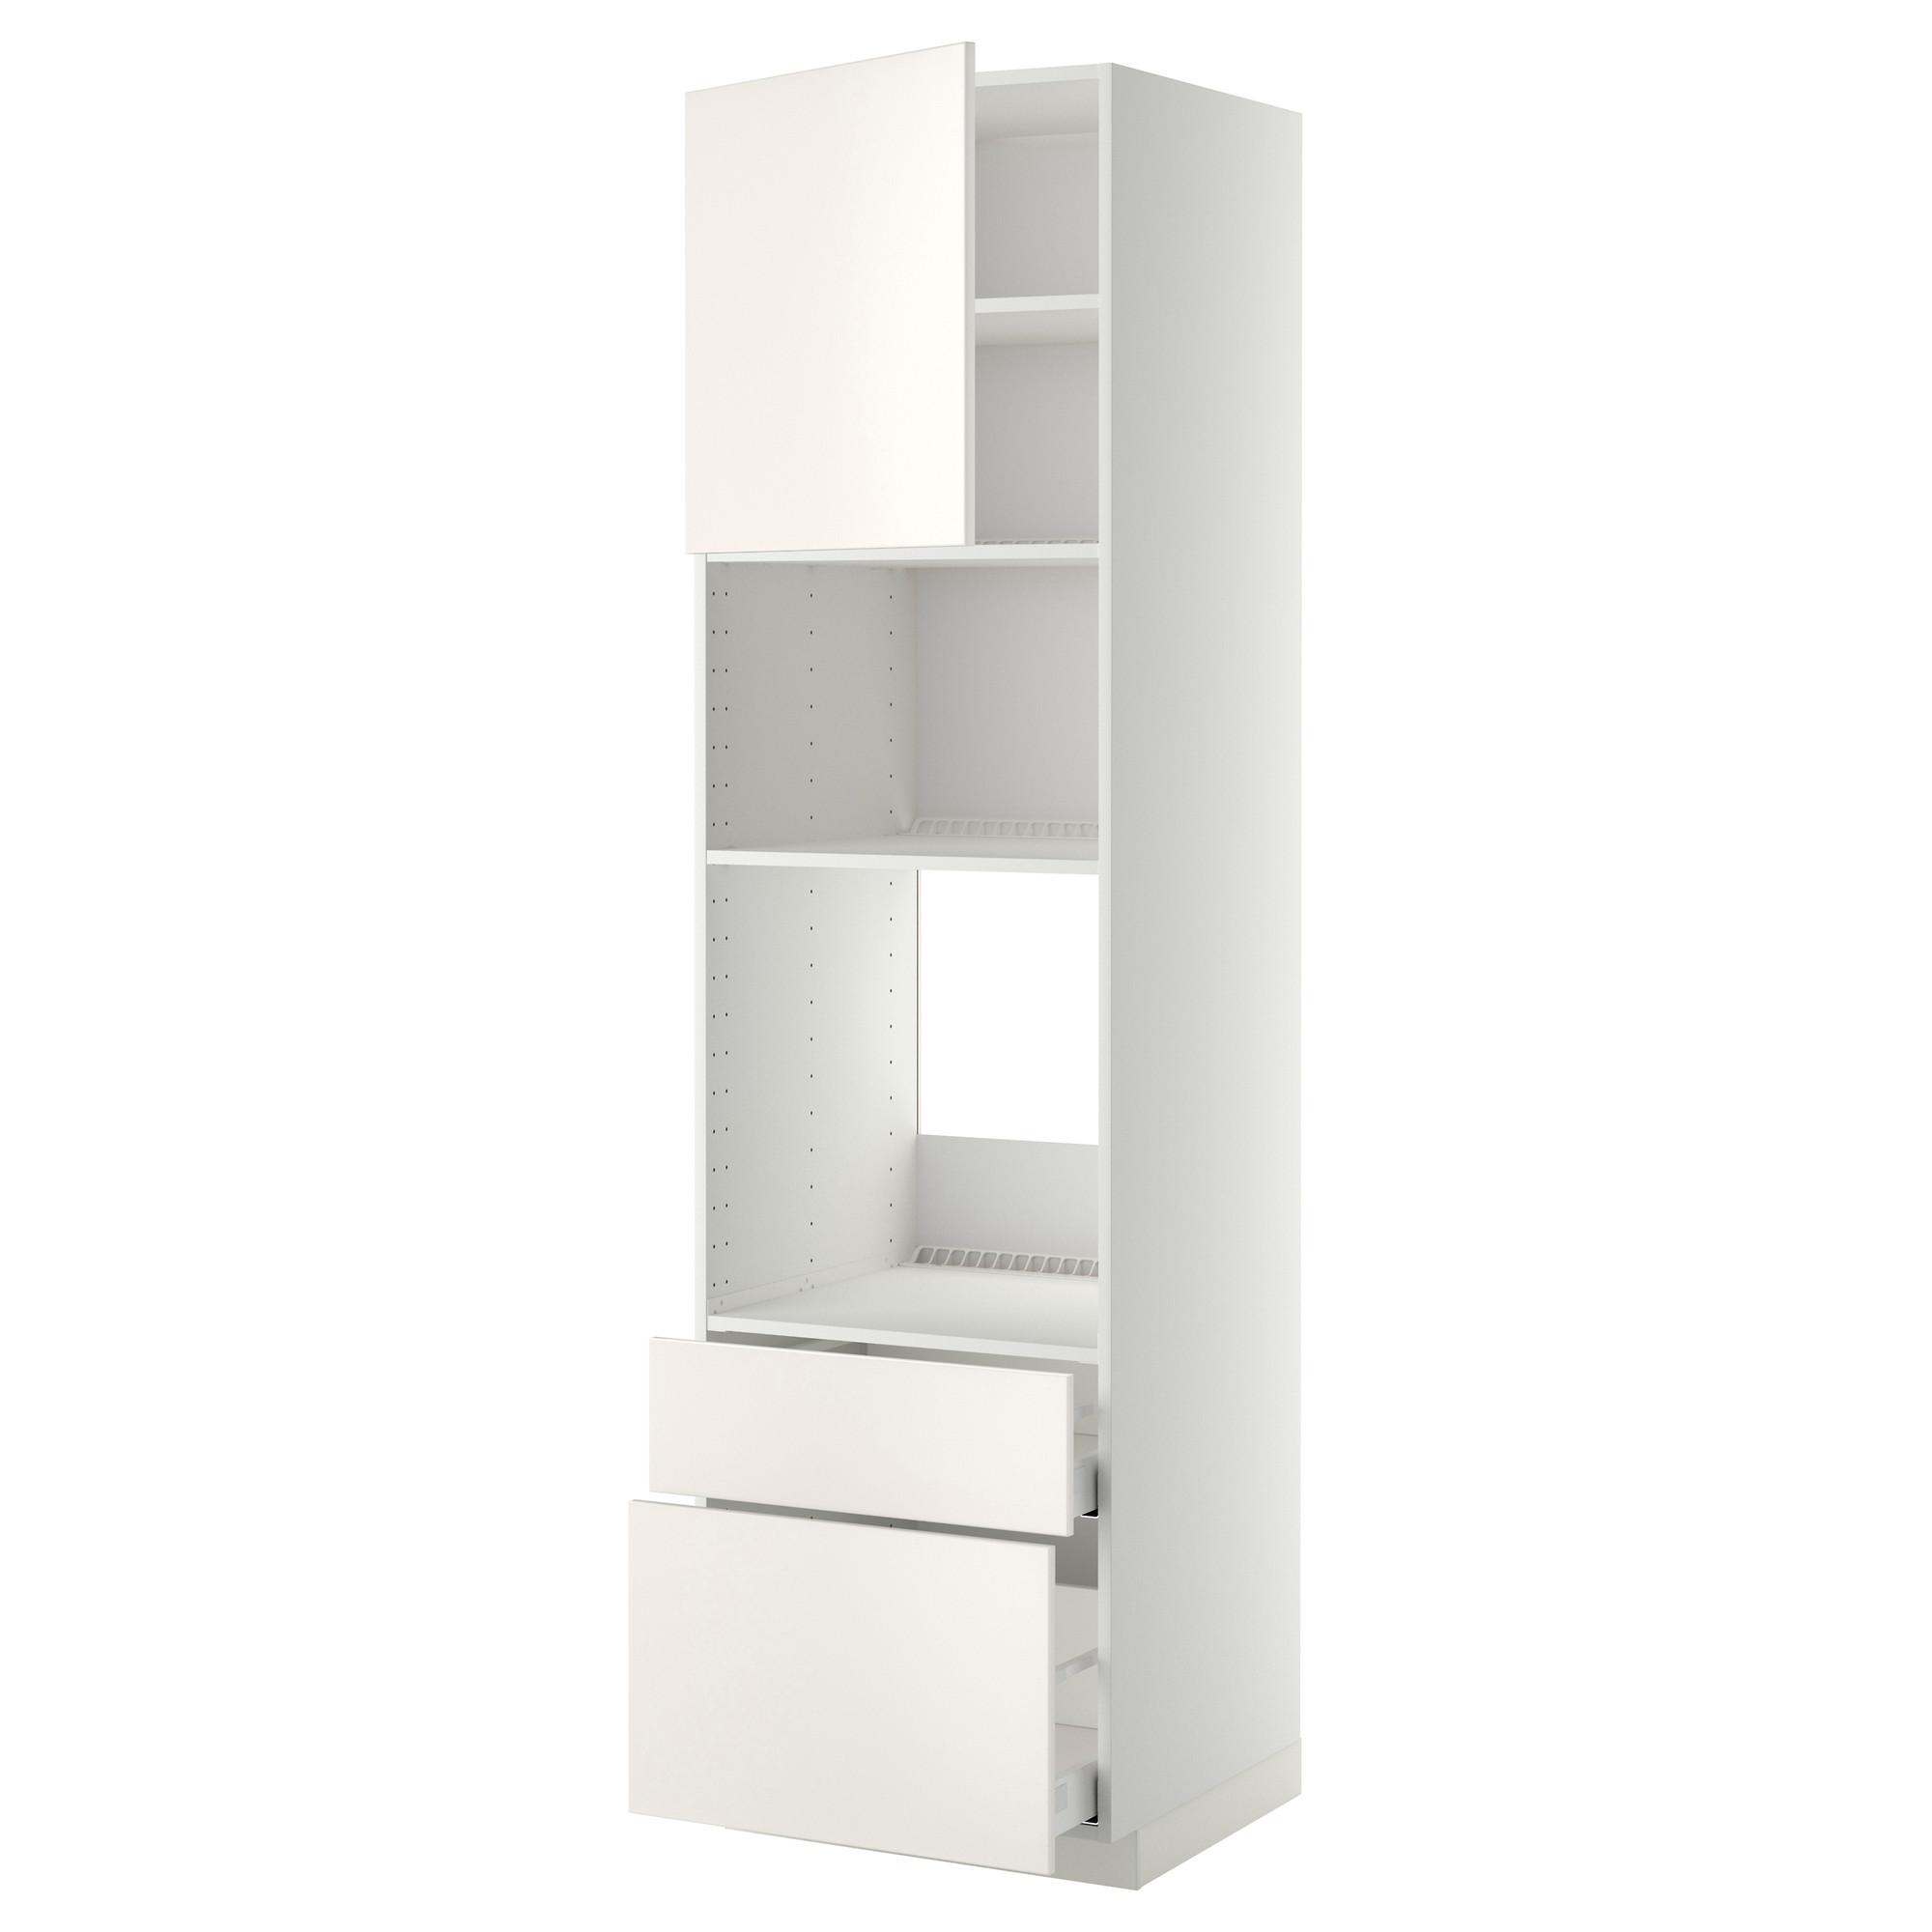 Porte Laque Blanc Ikea amortisseur porte cuisine ikea